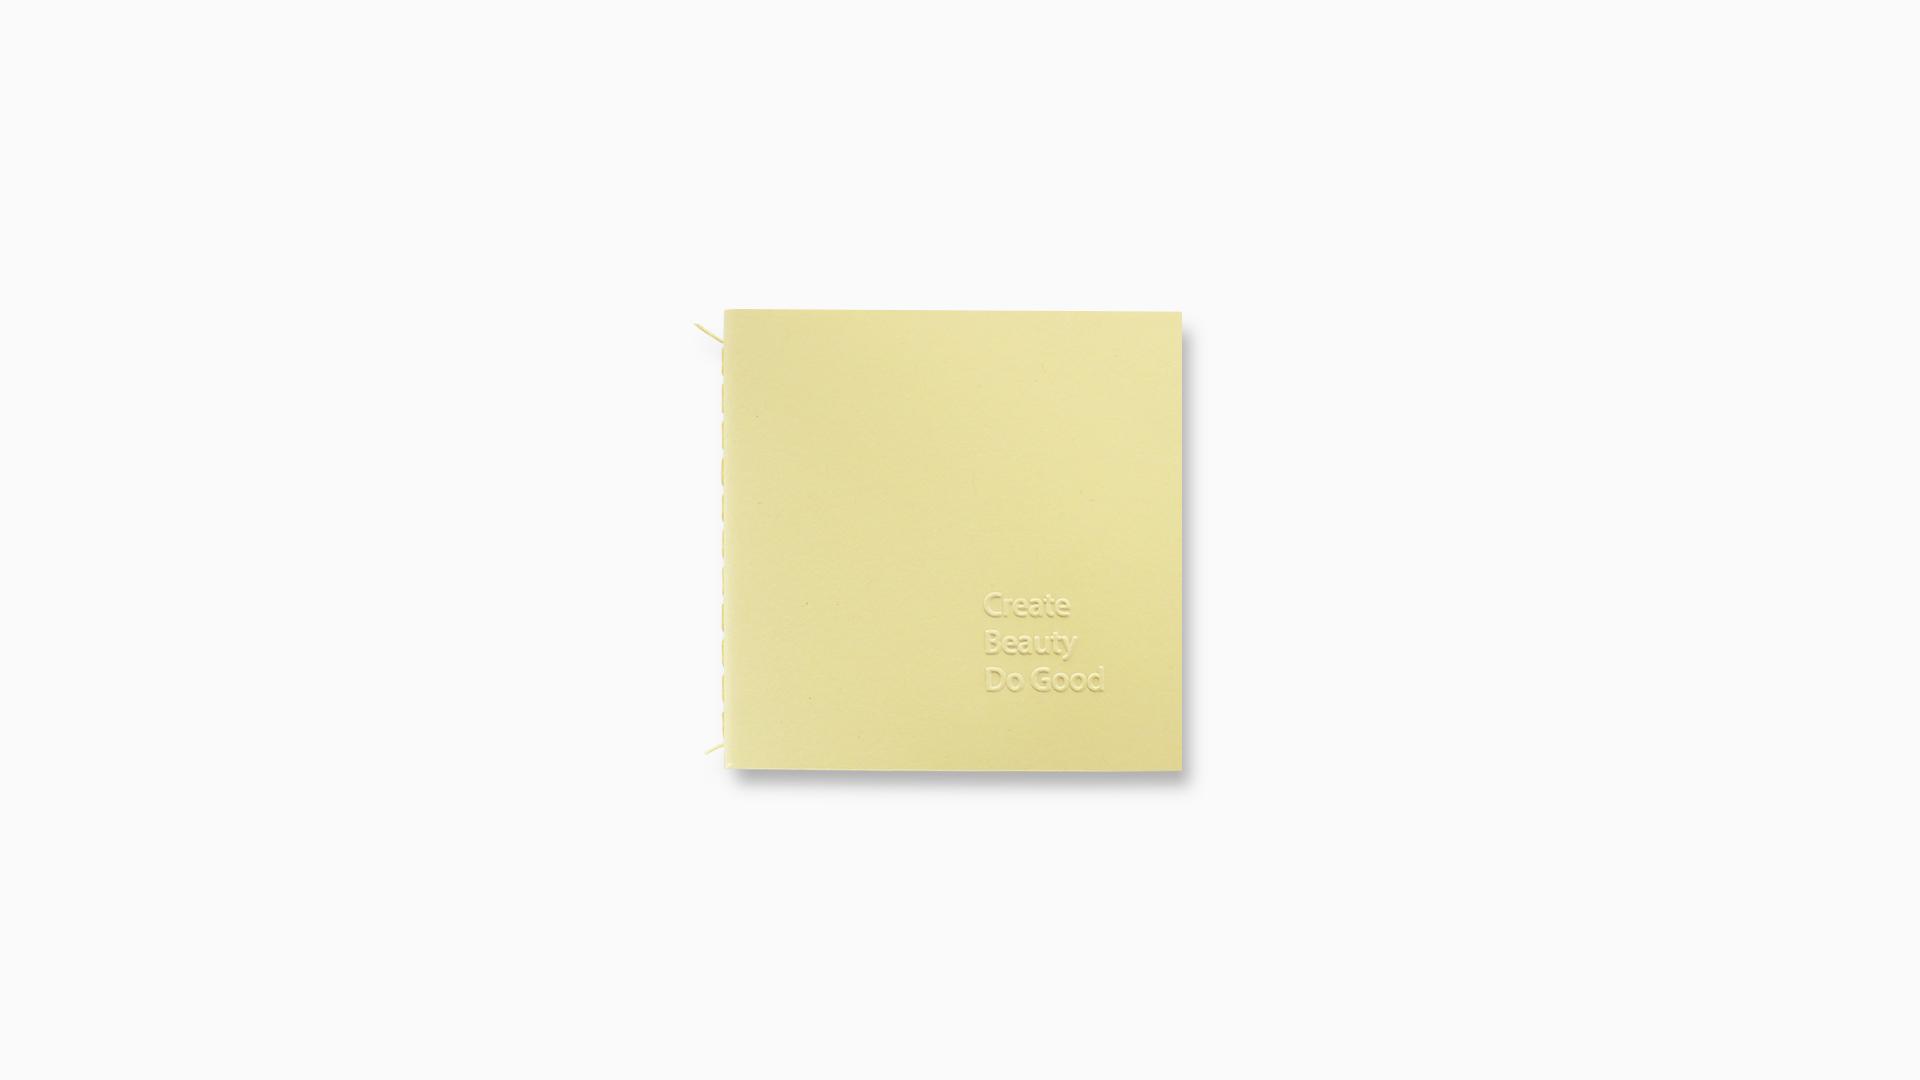 BOEKJE  / Cover with Create Beauty Do Good letterpress.